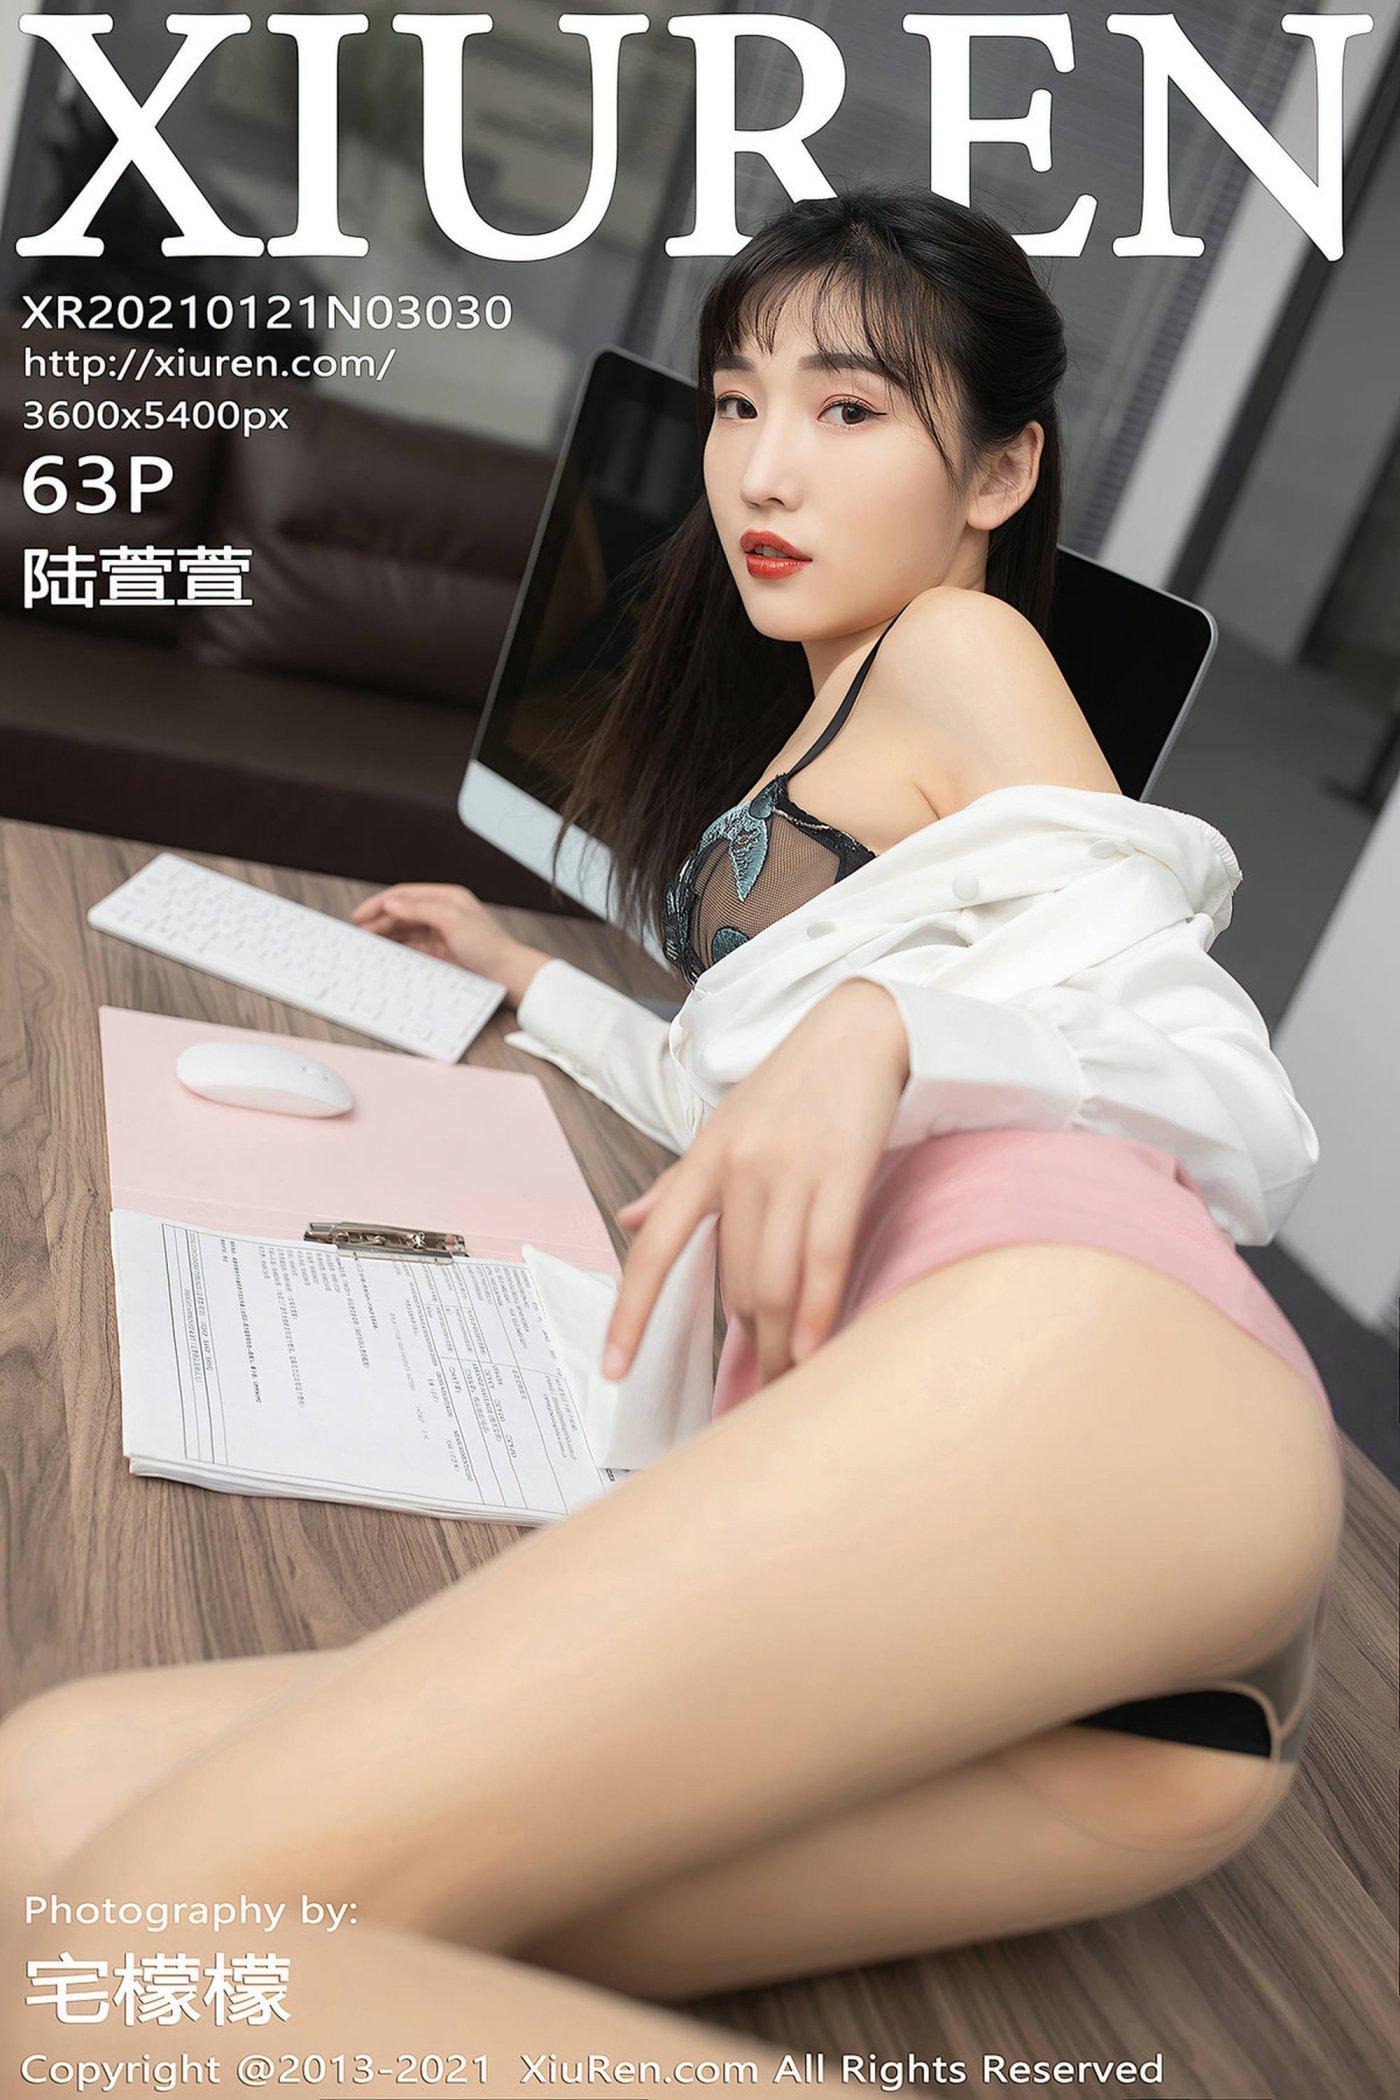 陆萱萱(Vol. 3030) 性感mm-第1张